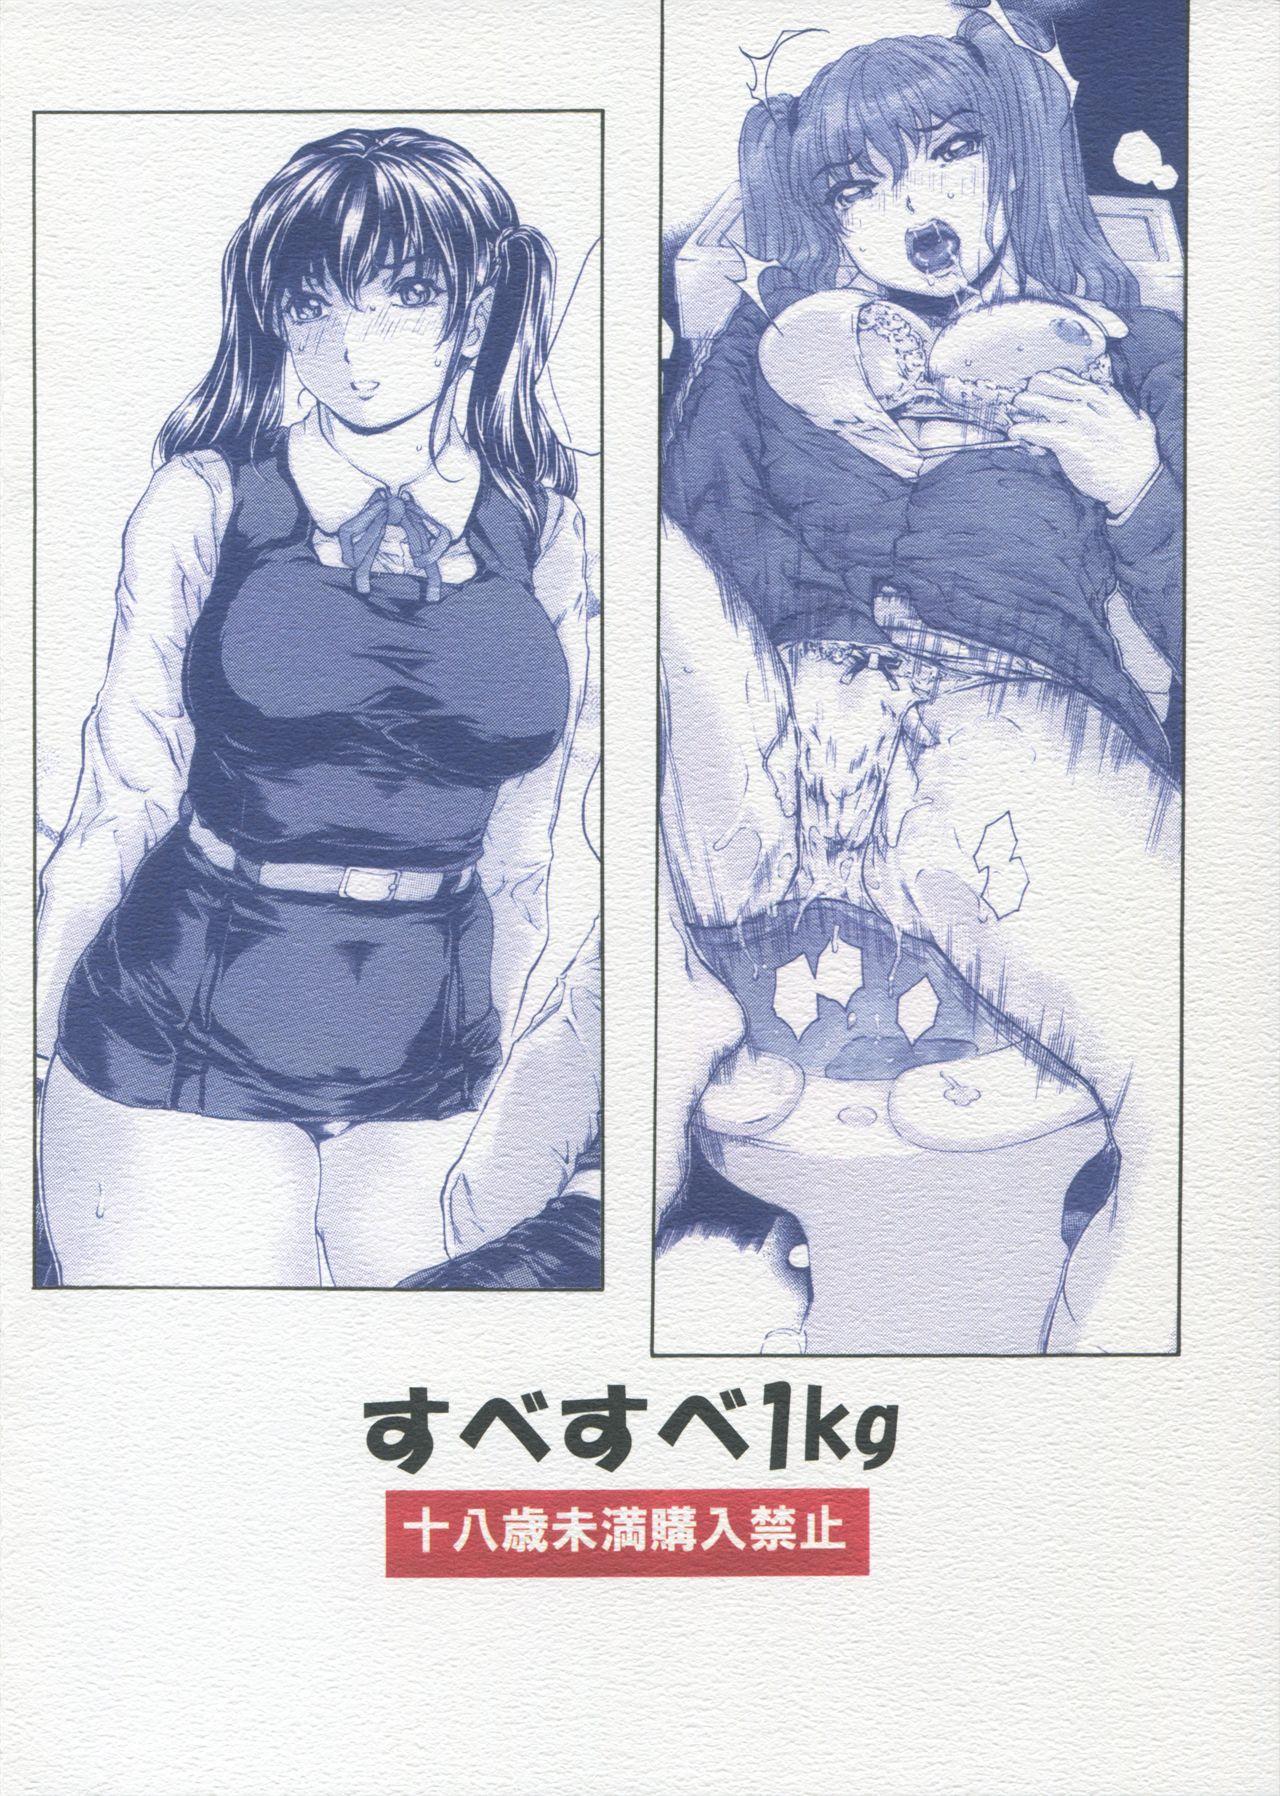 [Subesube 1kg (Narita Kyousha)] 9-Ji Kara 5-ji Made no Koibito Dai 11 wa - Nine to Five Lover [English] [Fated Circle] 35